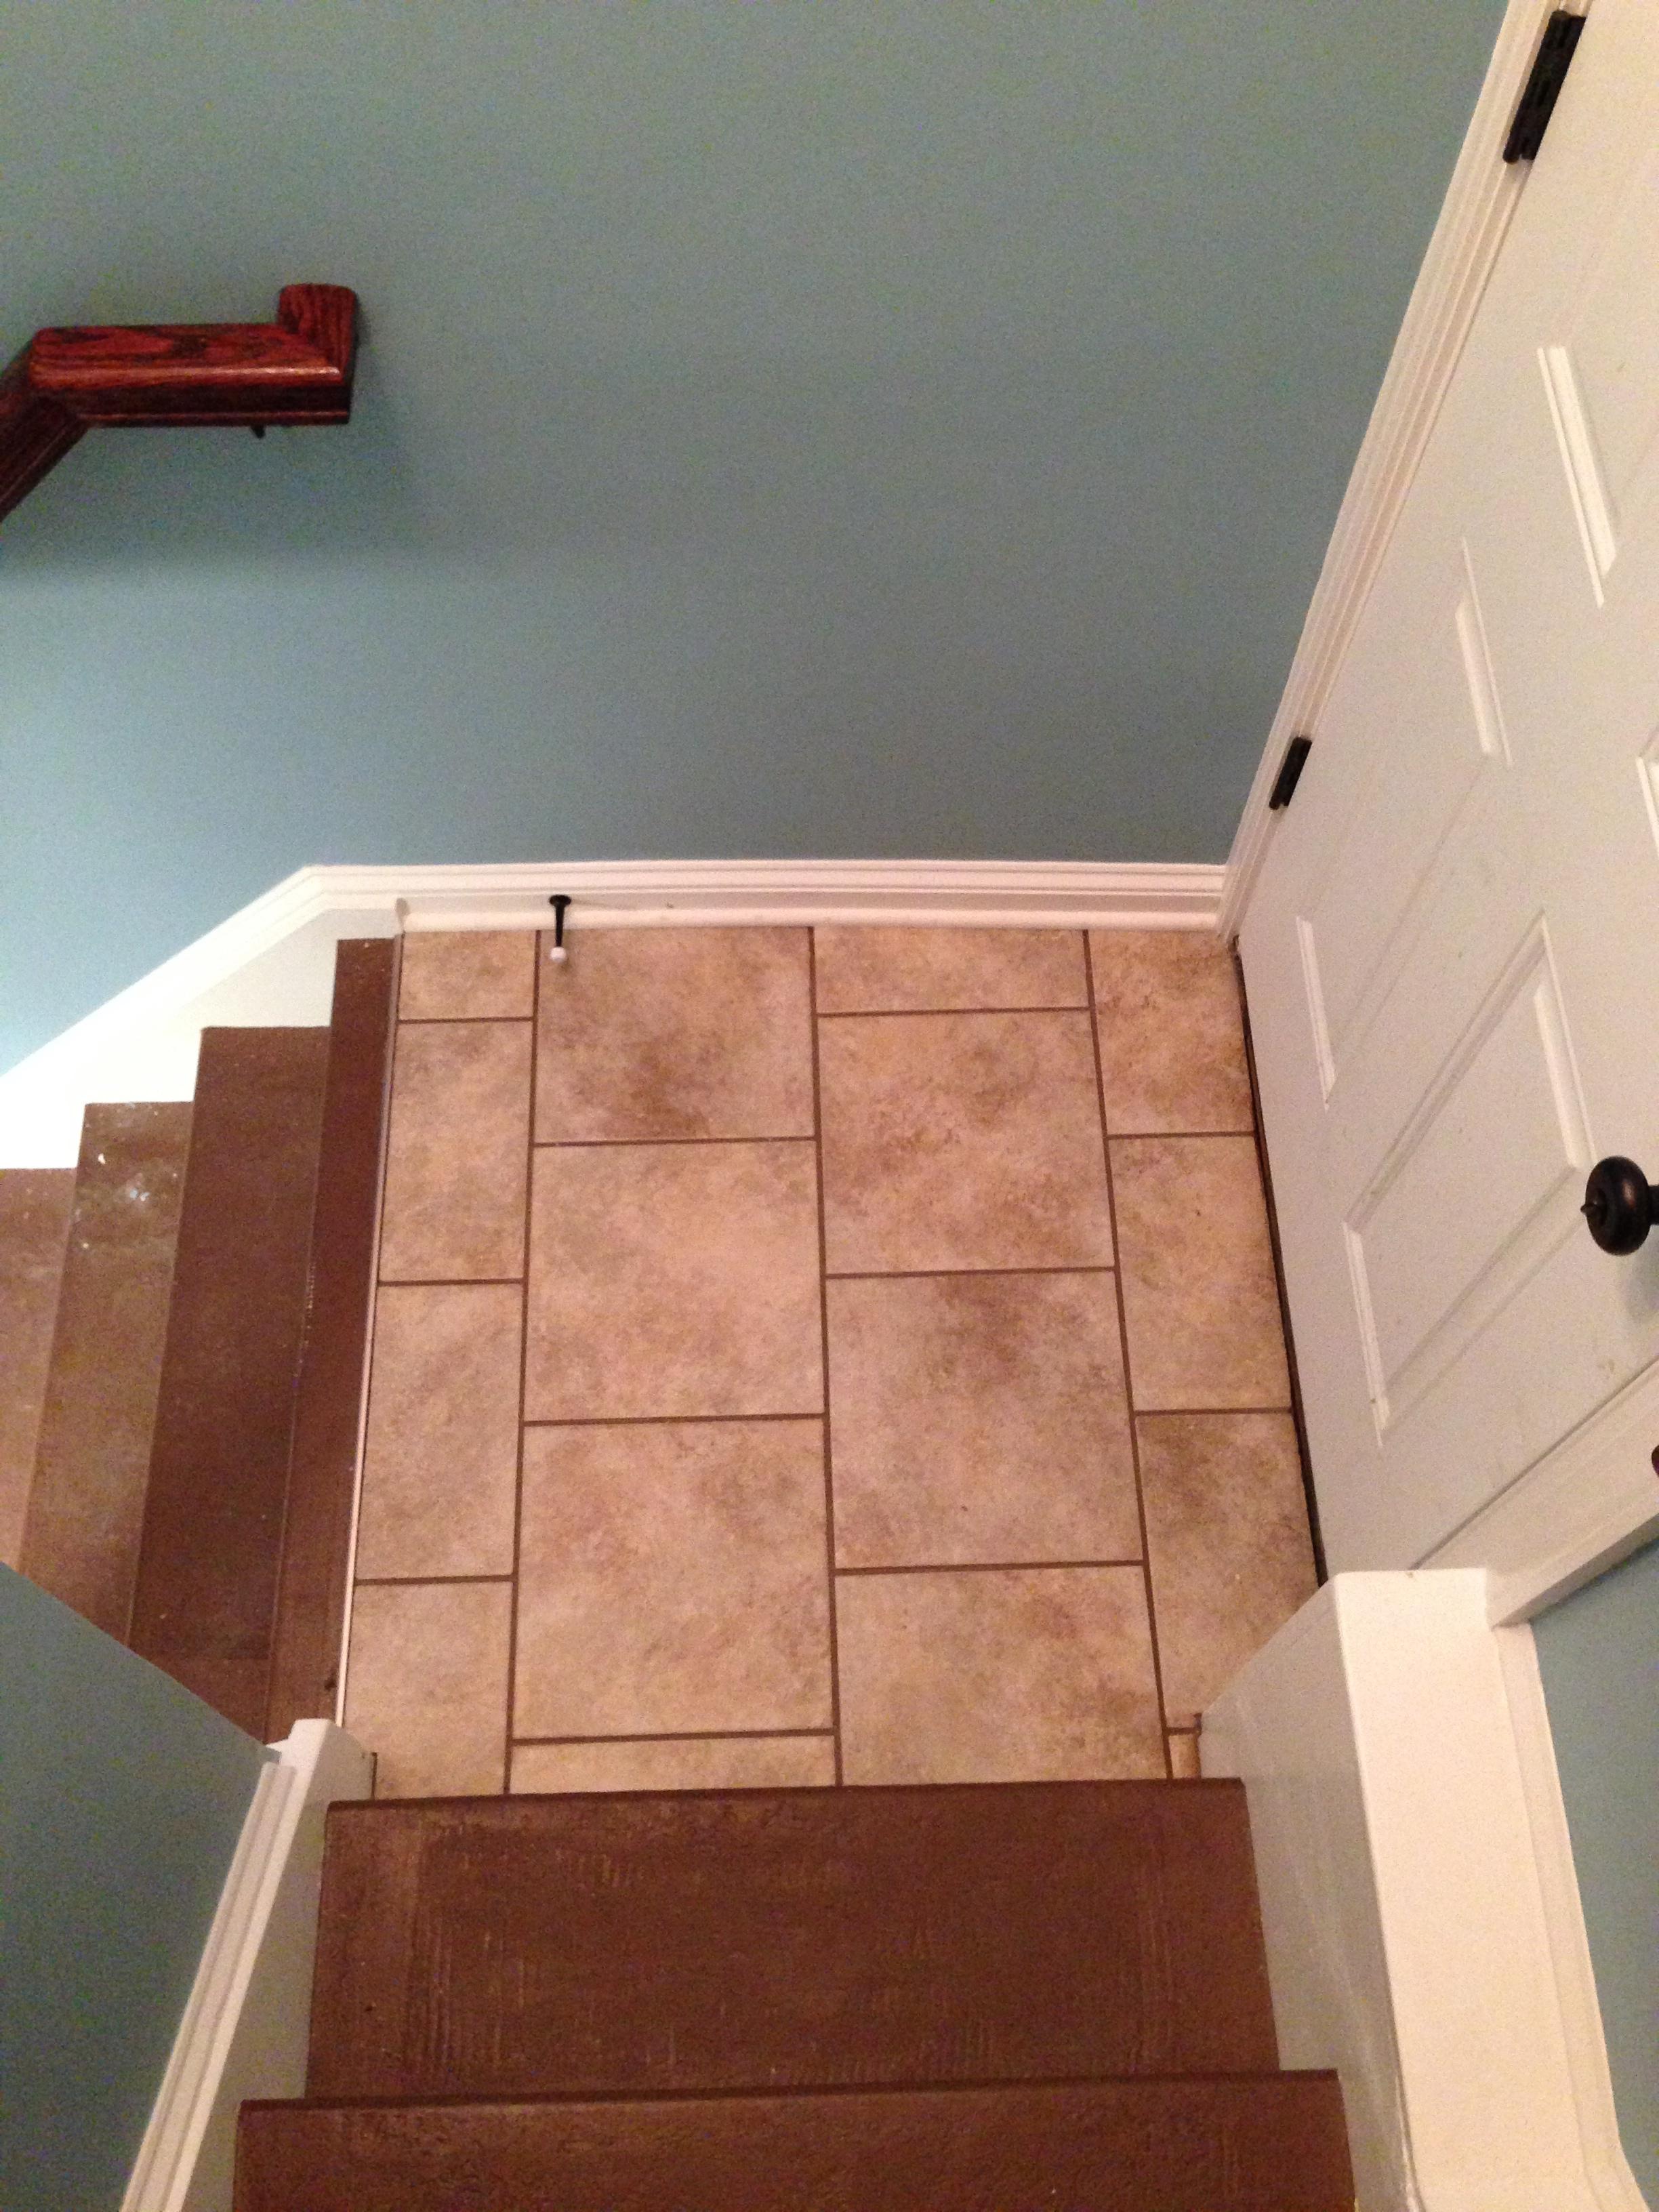 Tiling at top landing